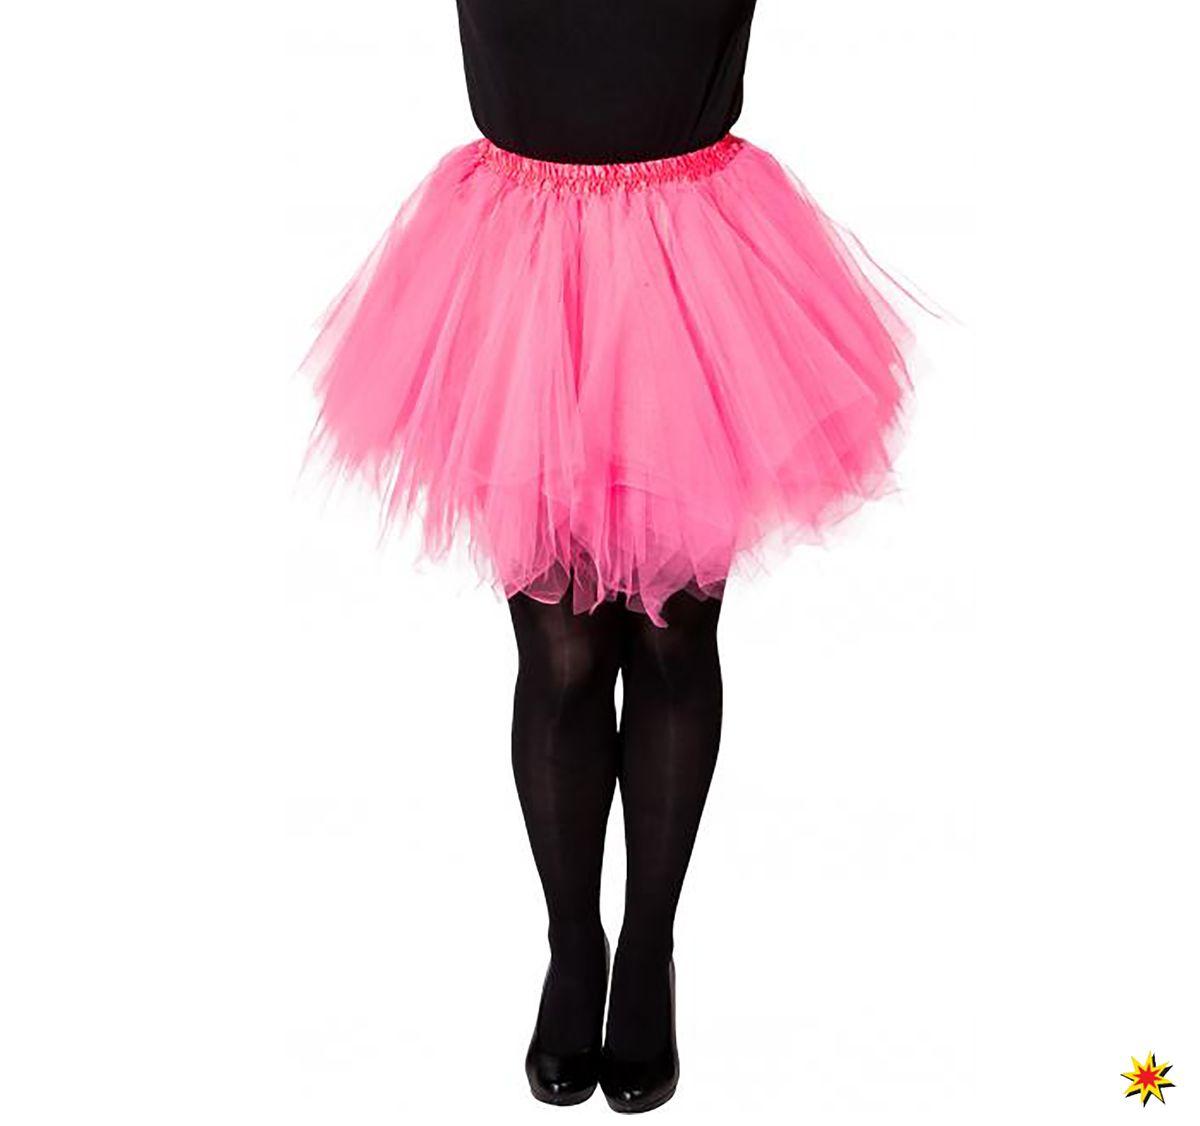 outlet store 328bf d2928 Damen Kostüm Rock Tutu rosa Flamingo